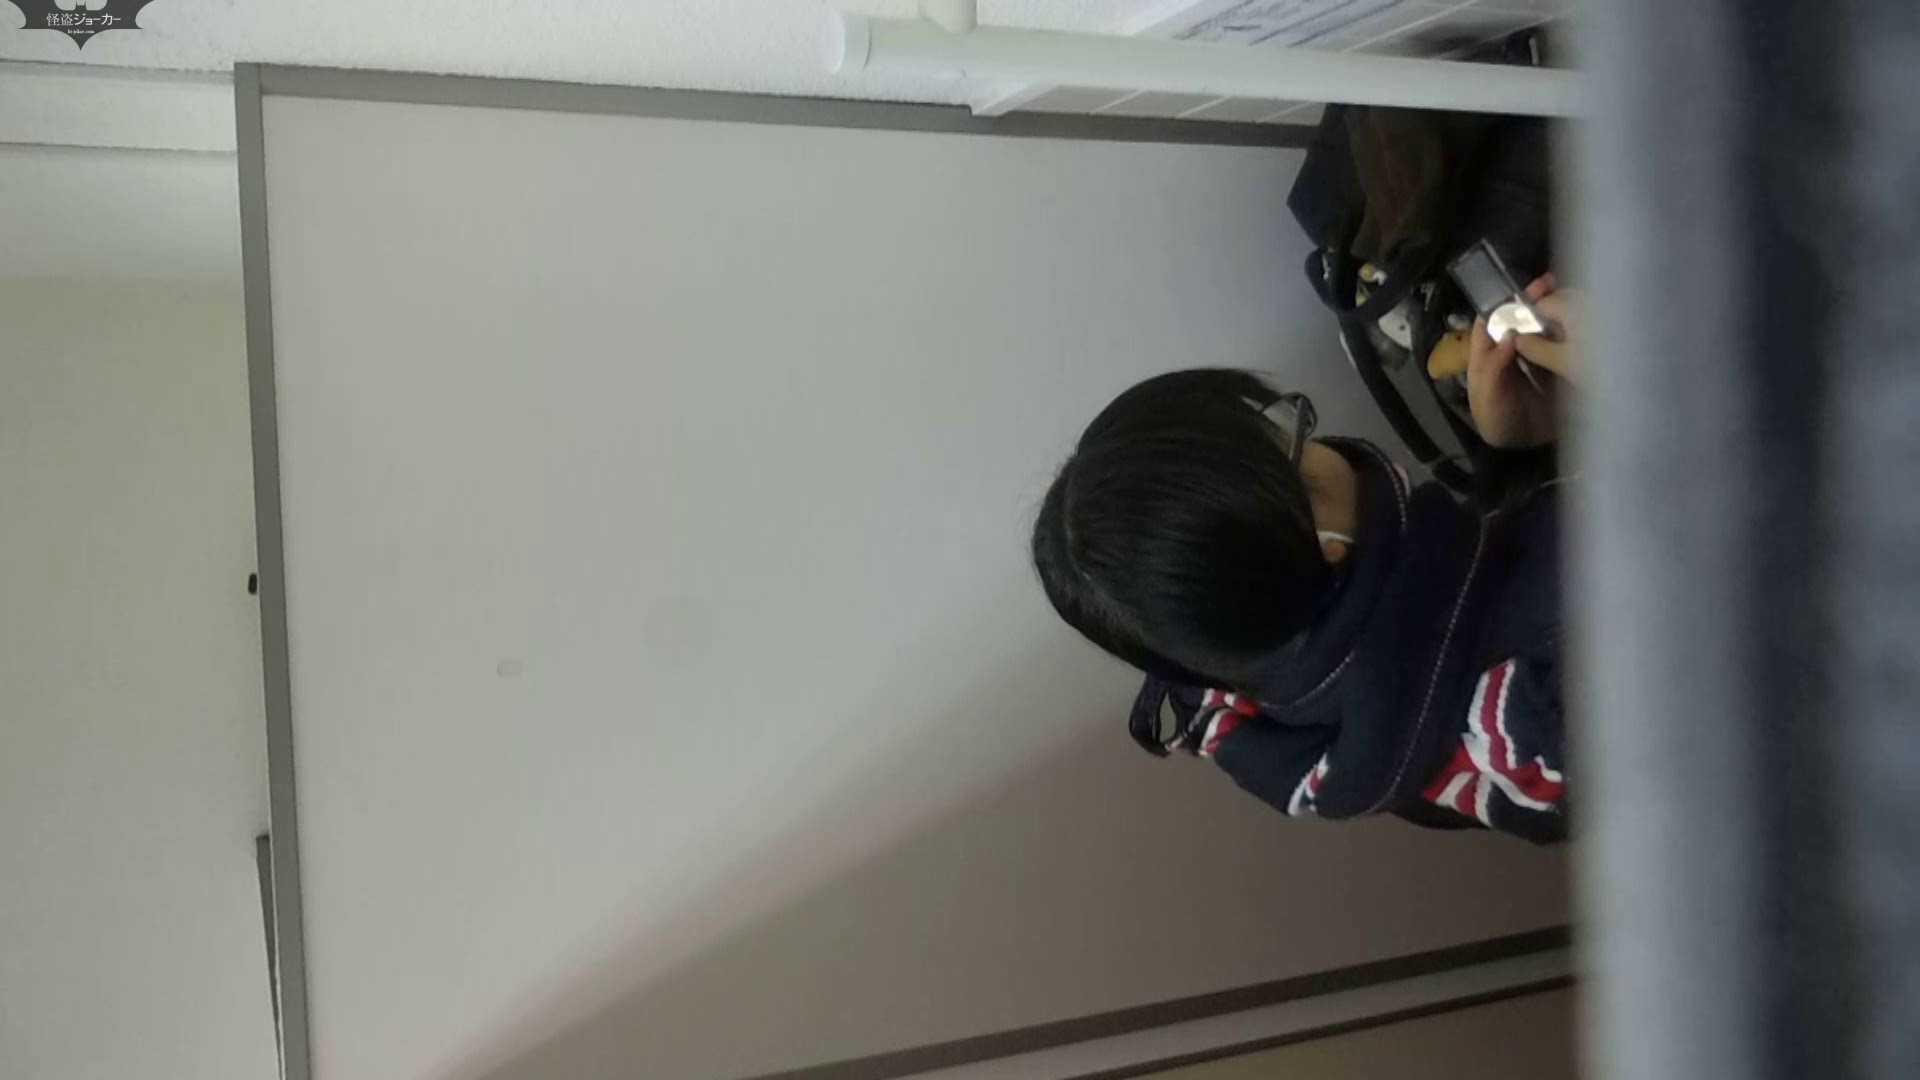 化粧室絵巻 駅舎編 VOL.28 盗撮  87pic 10